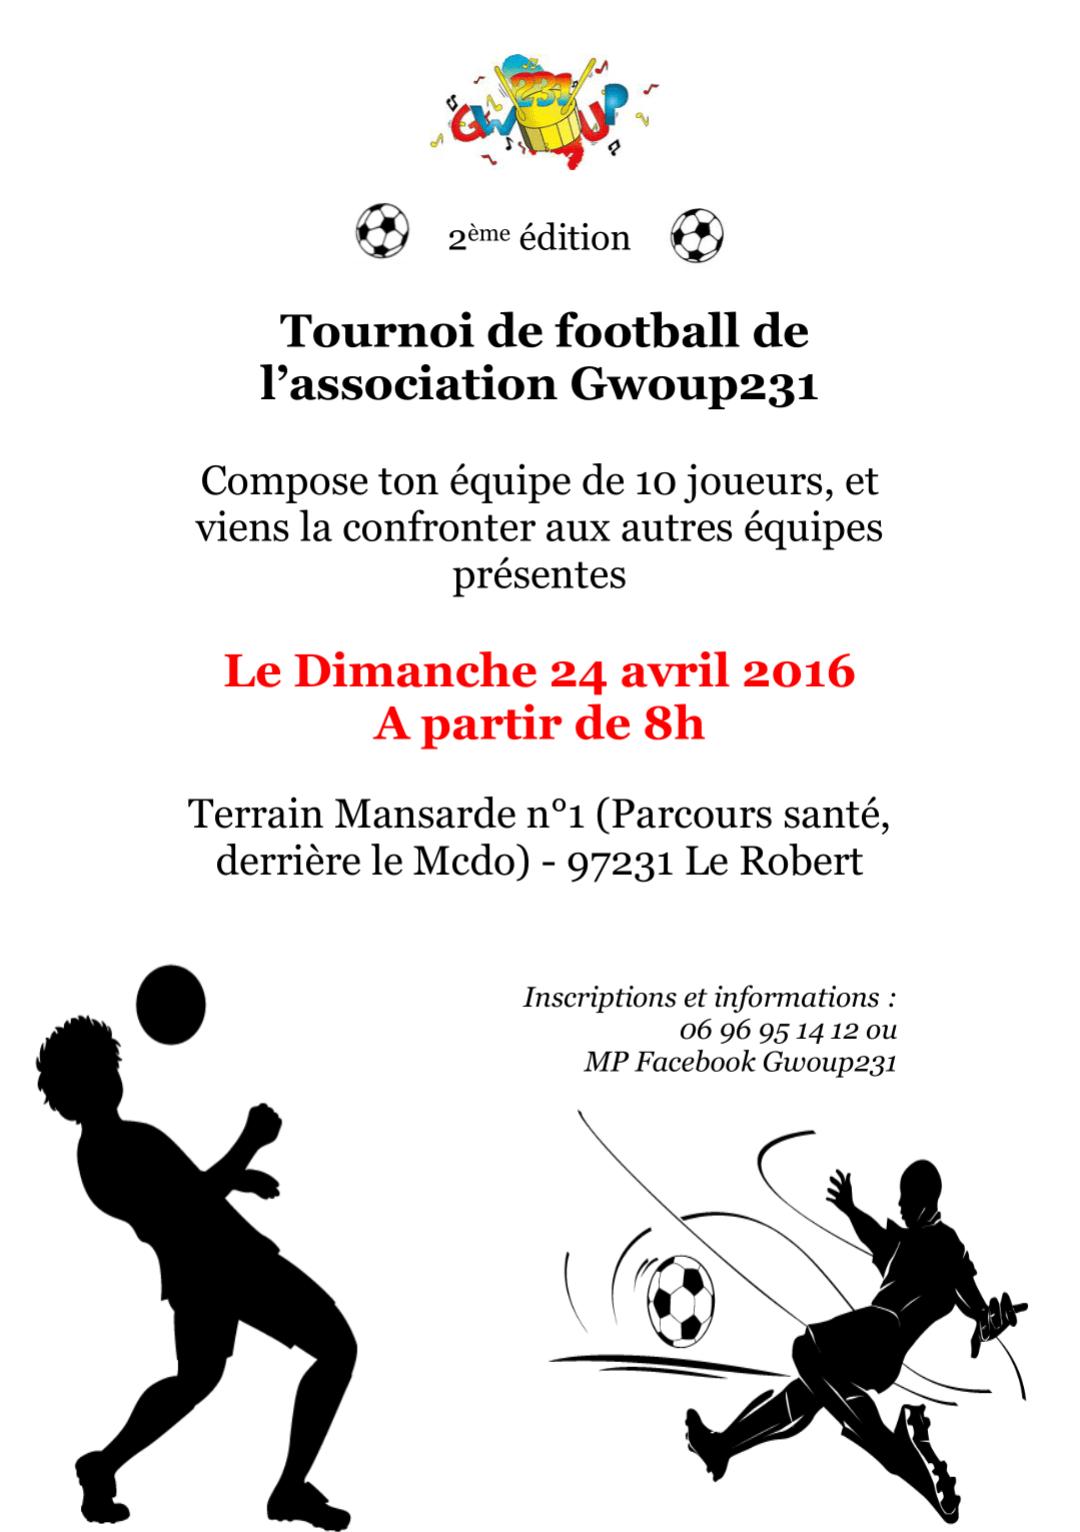 TournoiDeFootballGwoup231